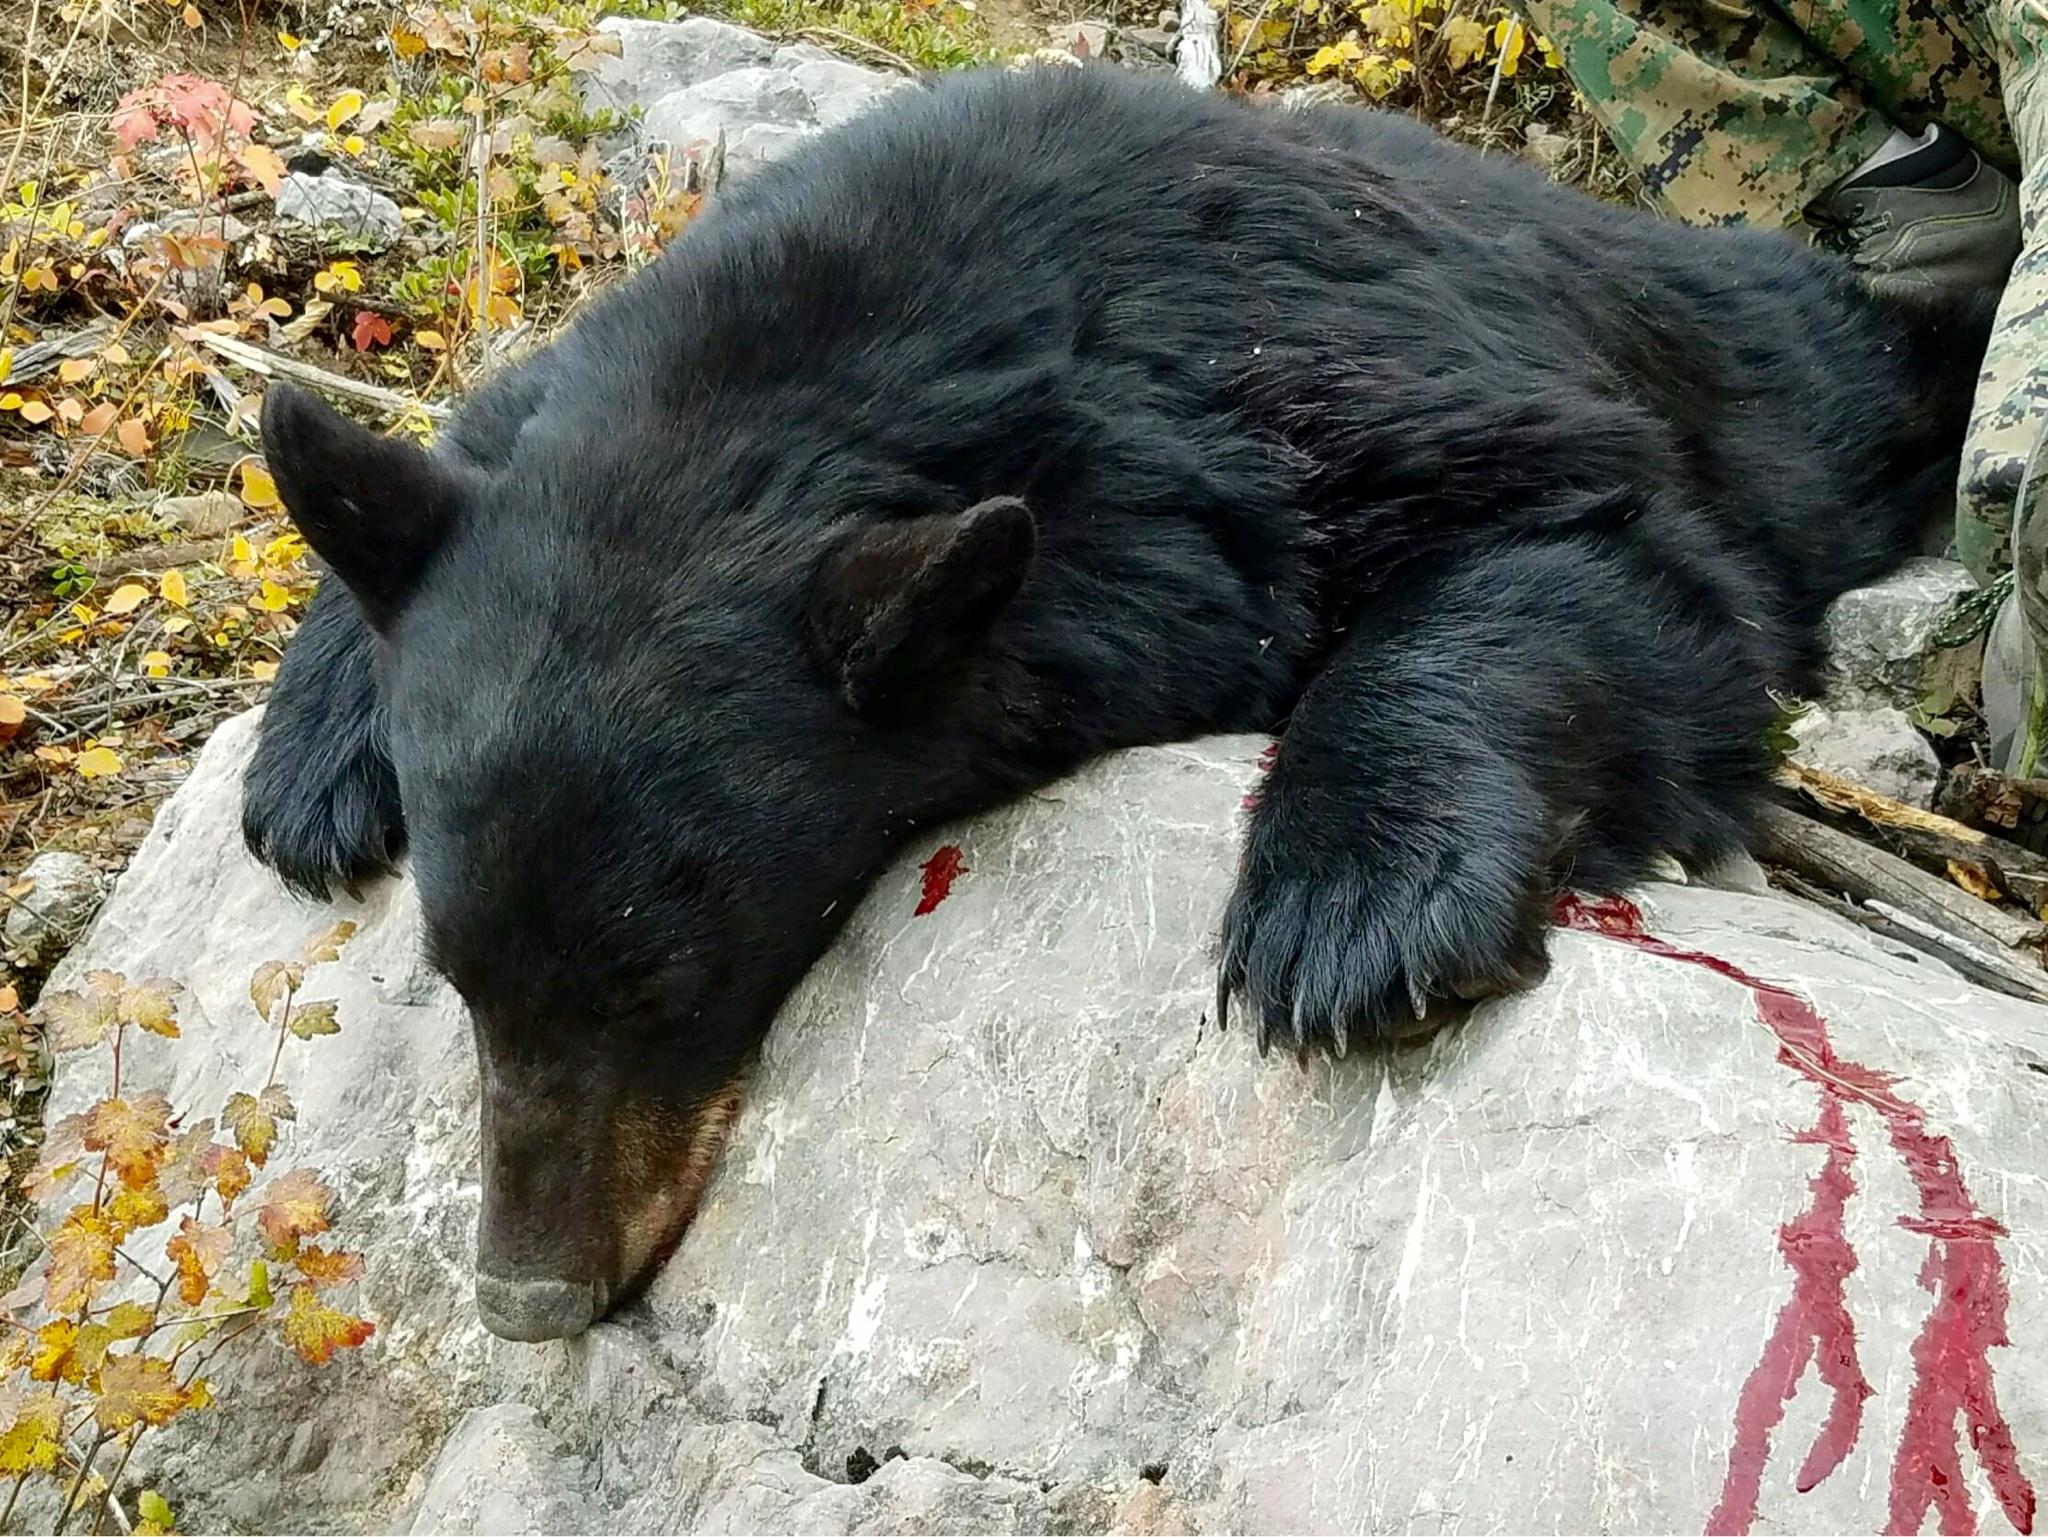 7mm-08 for black bear   Rokslide Forum